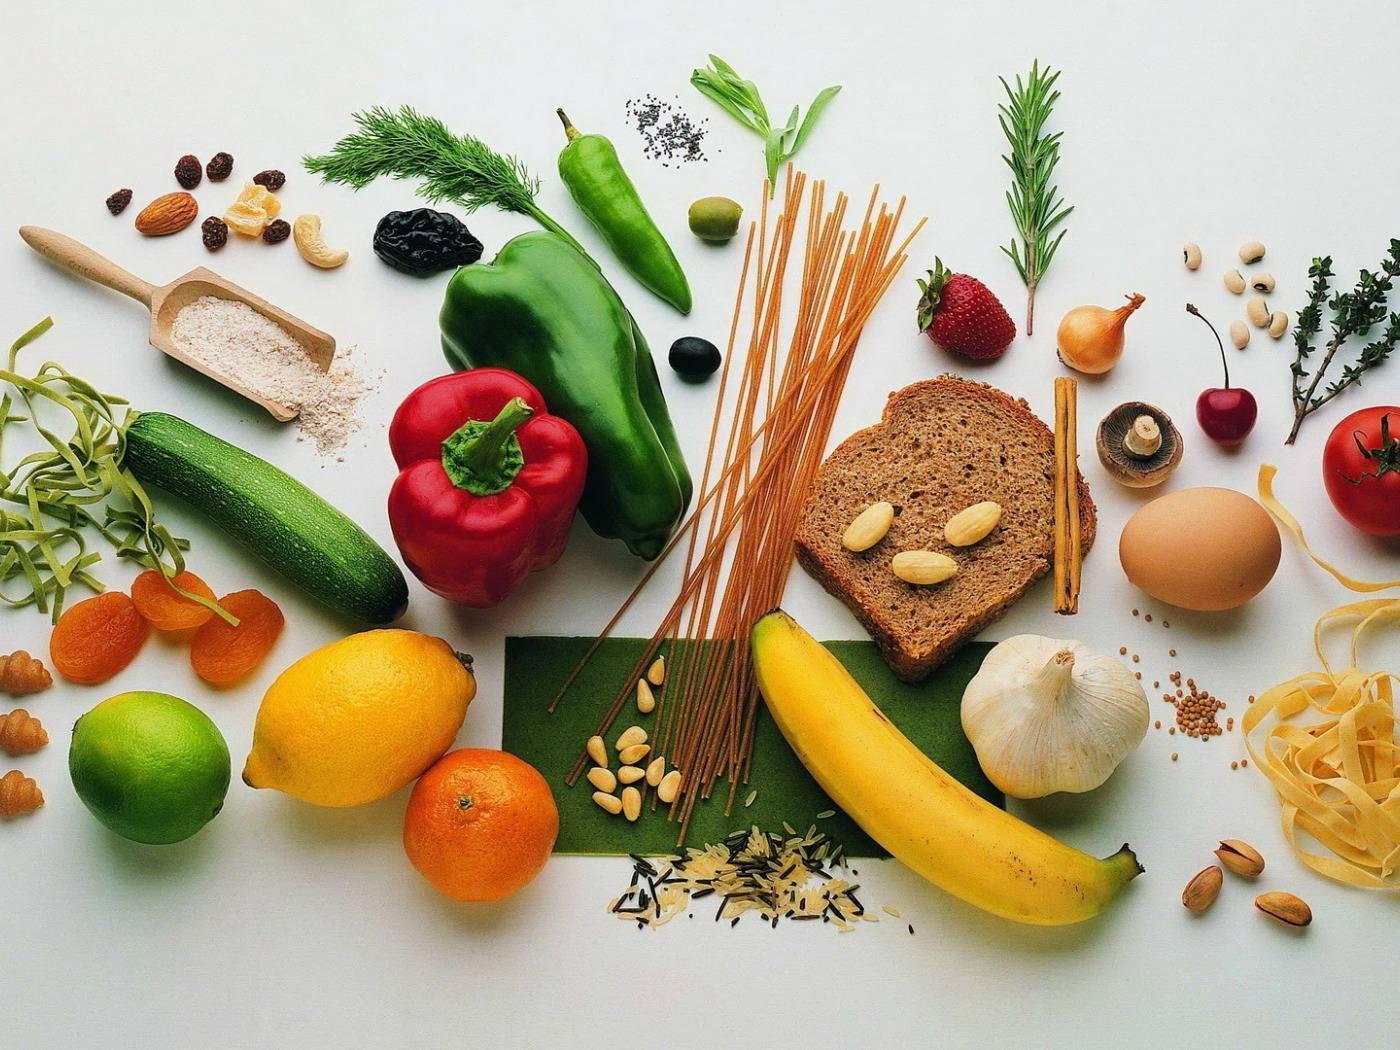 Морковь при сахарном диабете: можно ли есть, полезен корнеплод при 1 и 2 типе или нет, каков инсулиновый или гликемический индекс (ги) вареного и сырого овоща? русский фермер